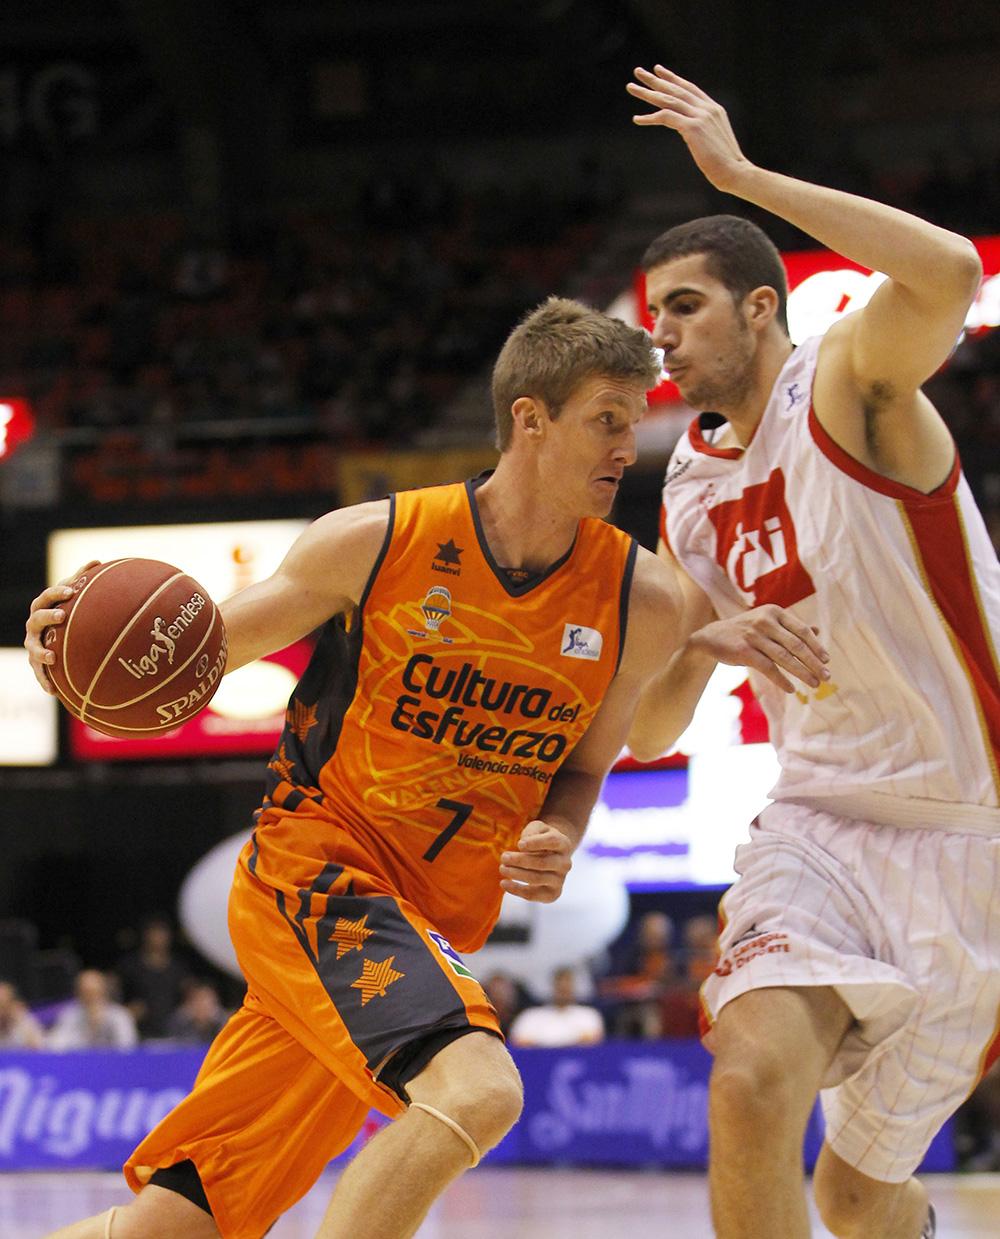 Justin Doellman jugador de endesa en viva basquet